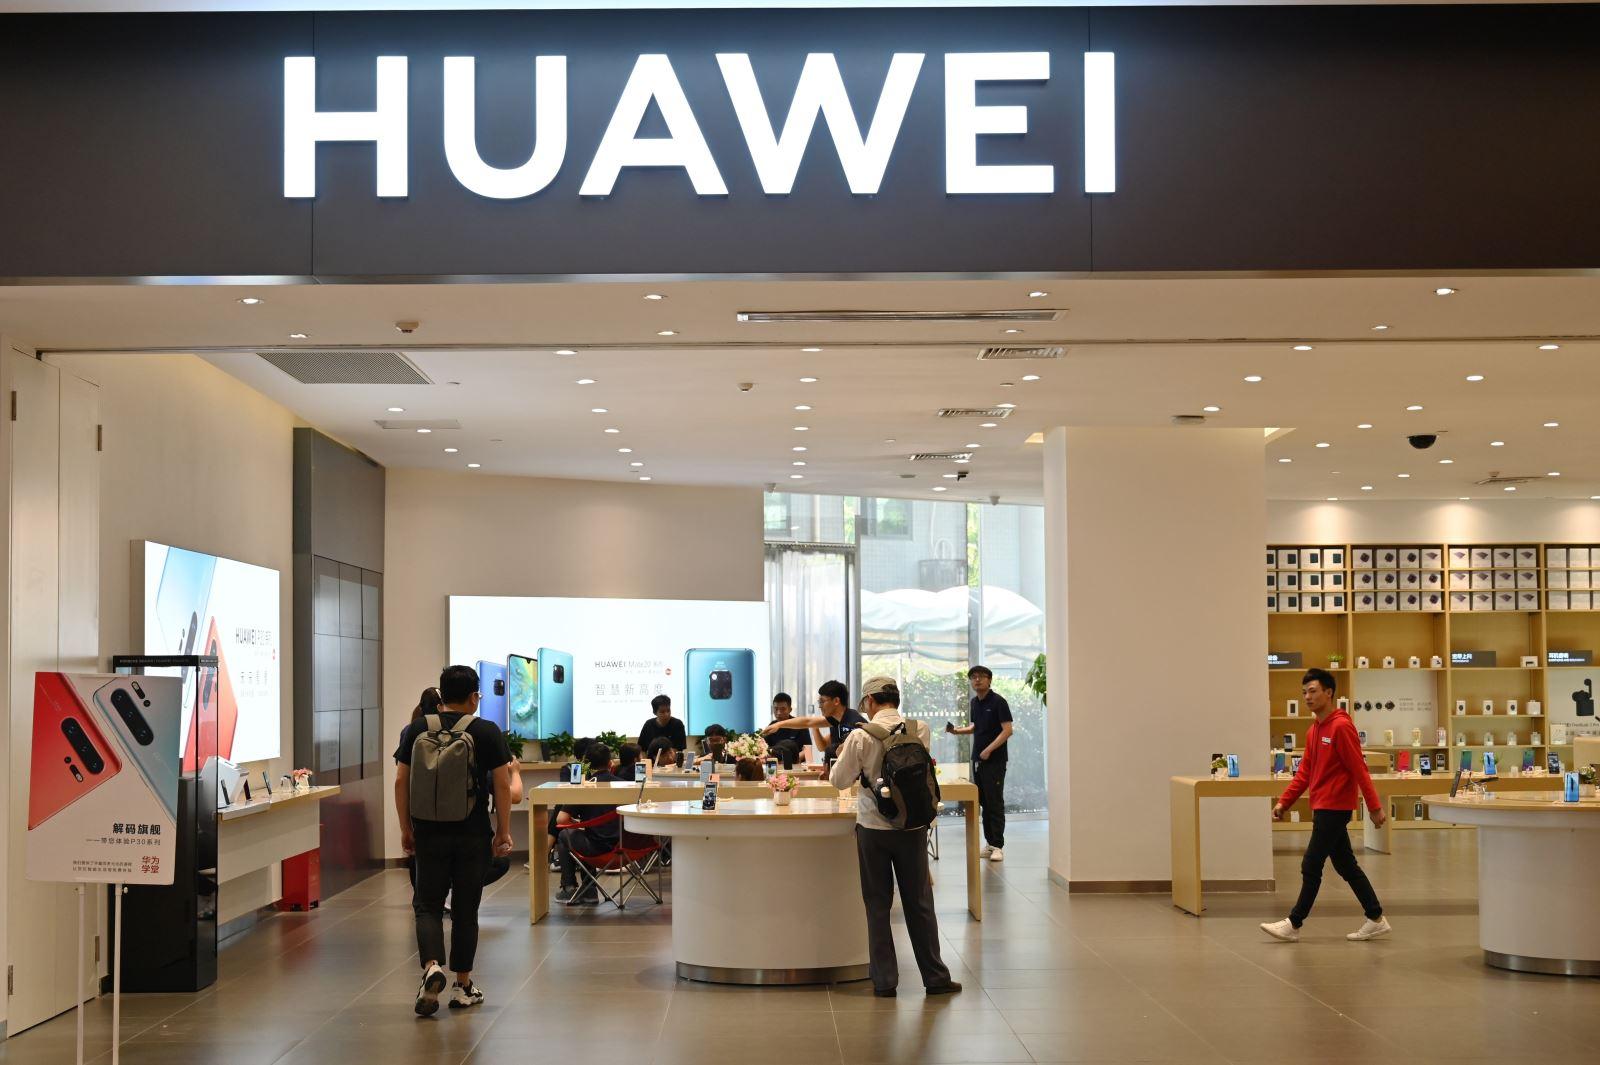 Huawei vẫn thắng lớn tại các nước đang phát triển bất chấp cản phá từ Mỹ